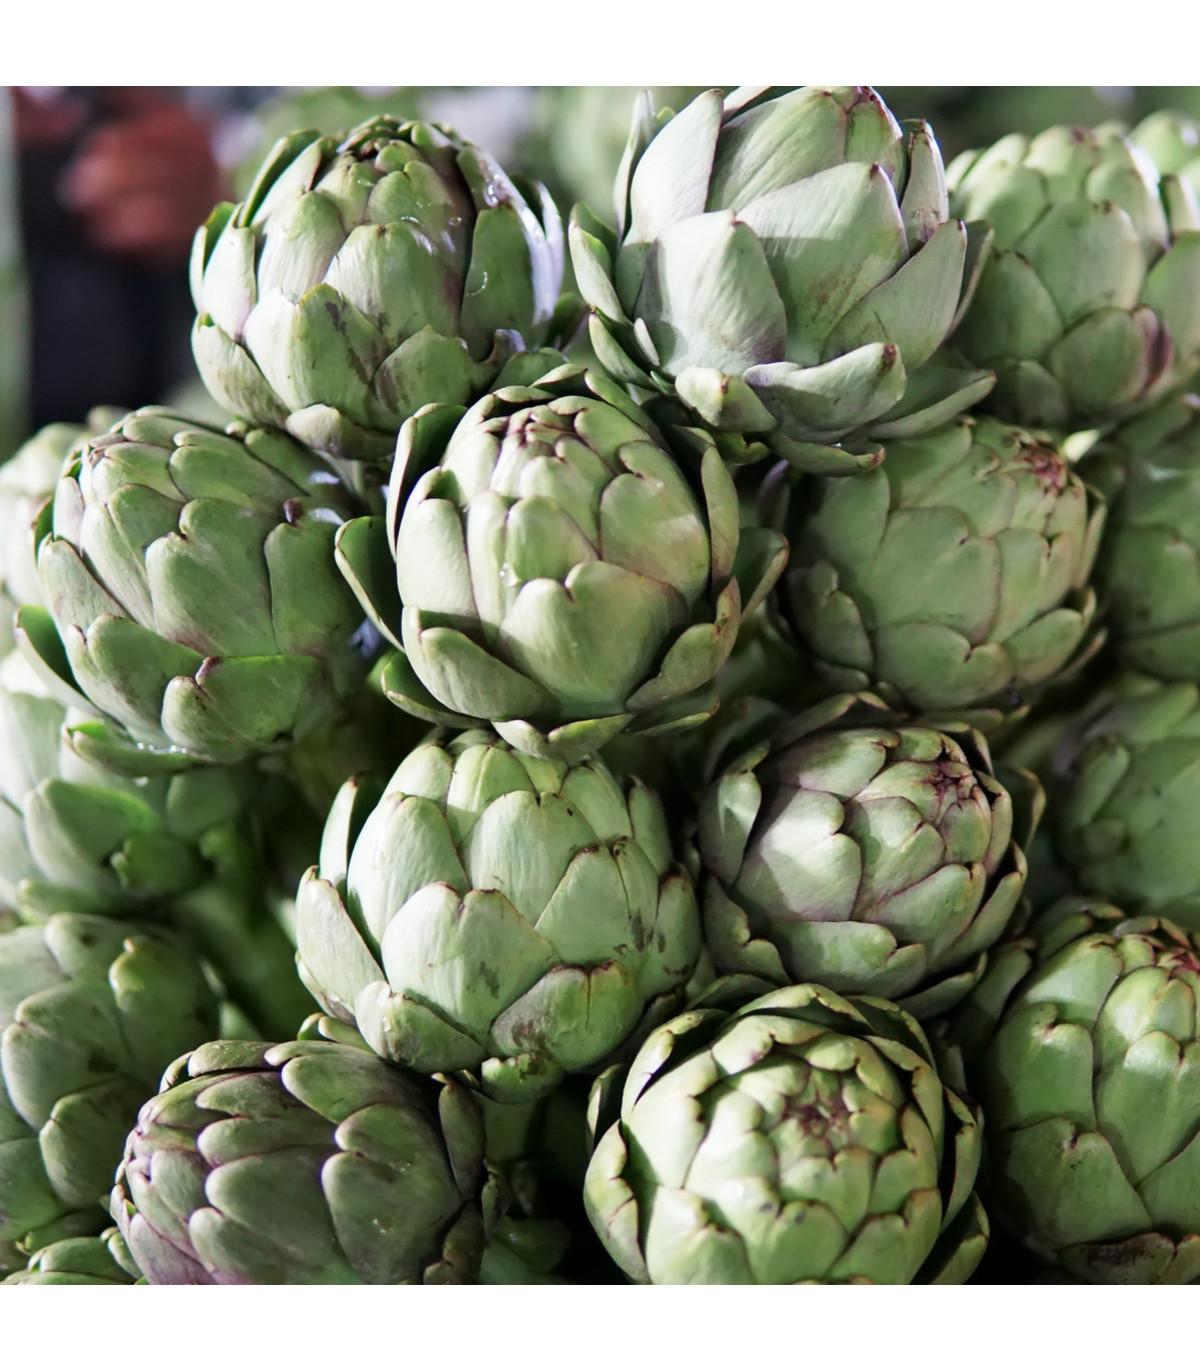 Artičoka záhradná Green Globe - Cynara scolymus - semená artičoky - 20 ks